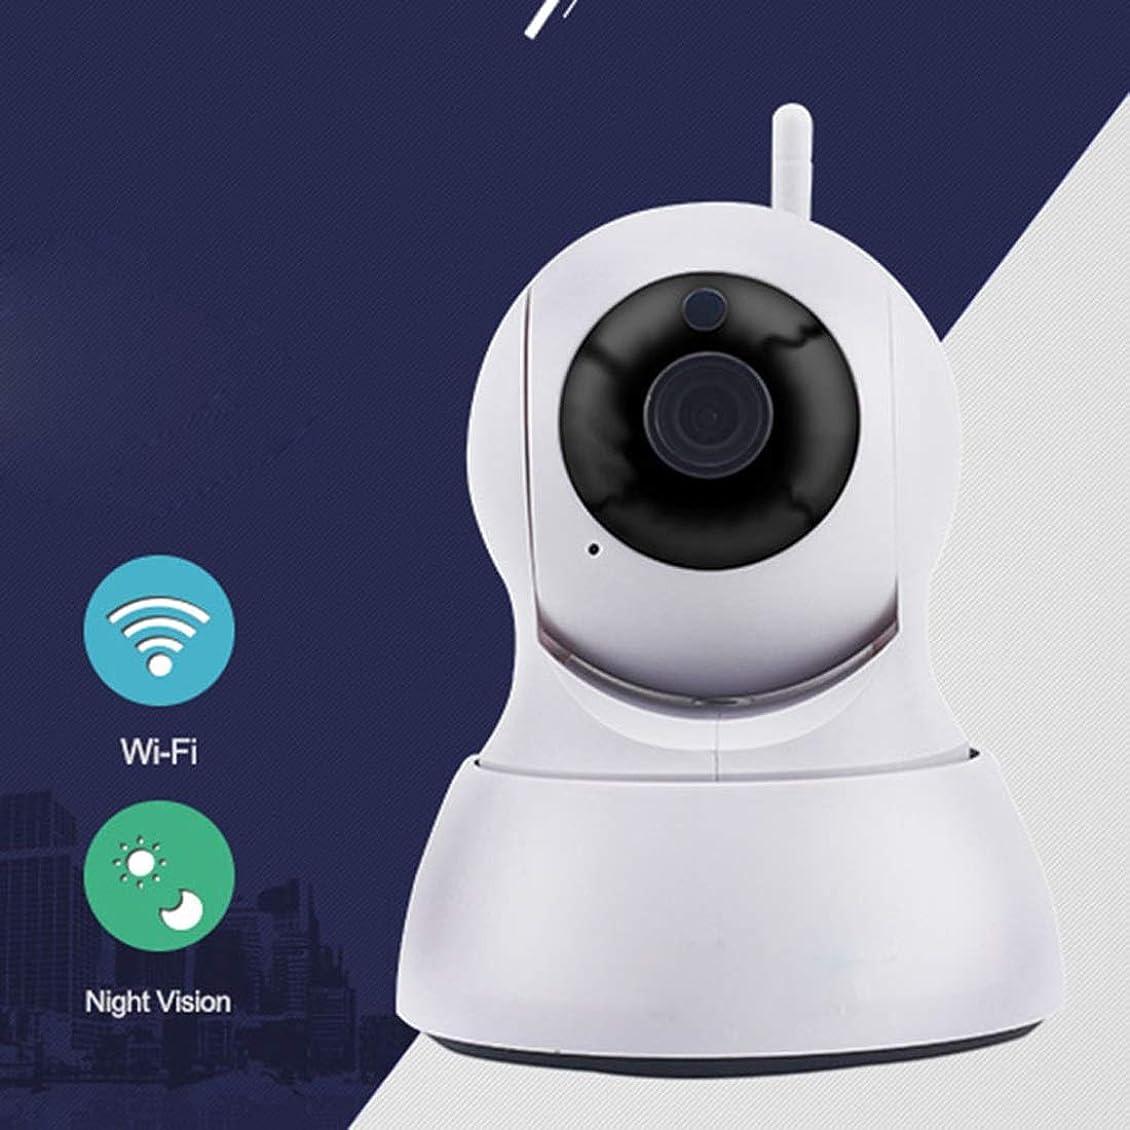 スロー放射能資本FELICIAAA ベビーモニターwifiワイヤレスカメラHDウェブカメラIPカメラケアデバイス